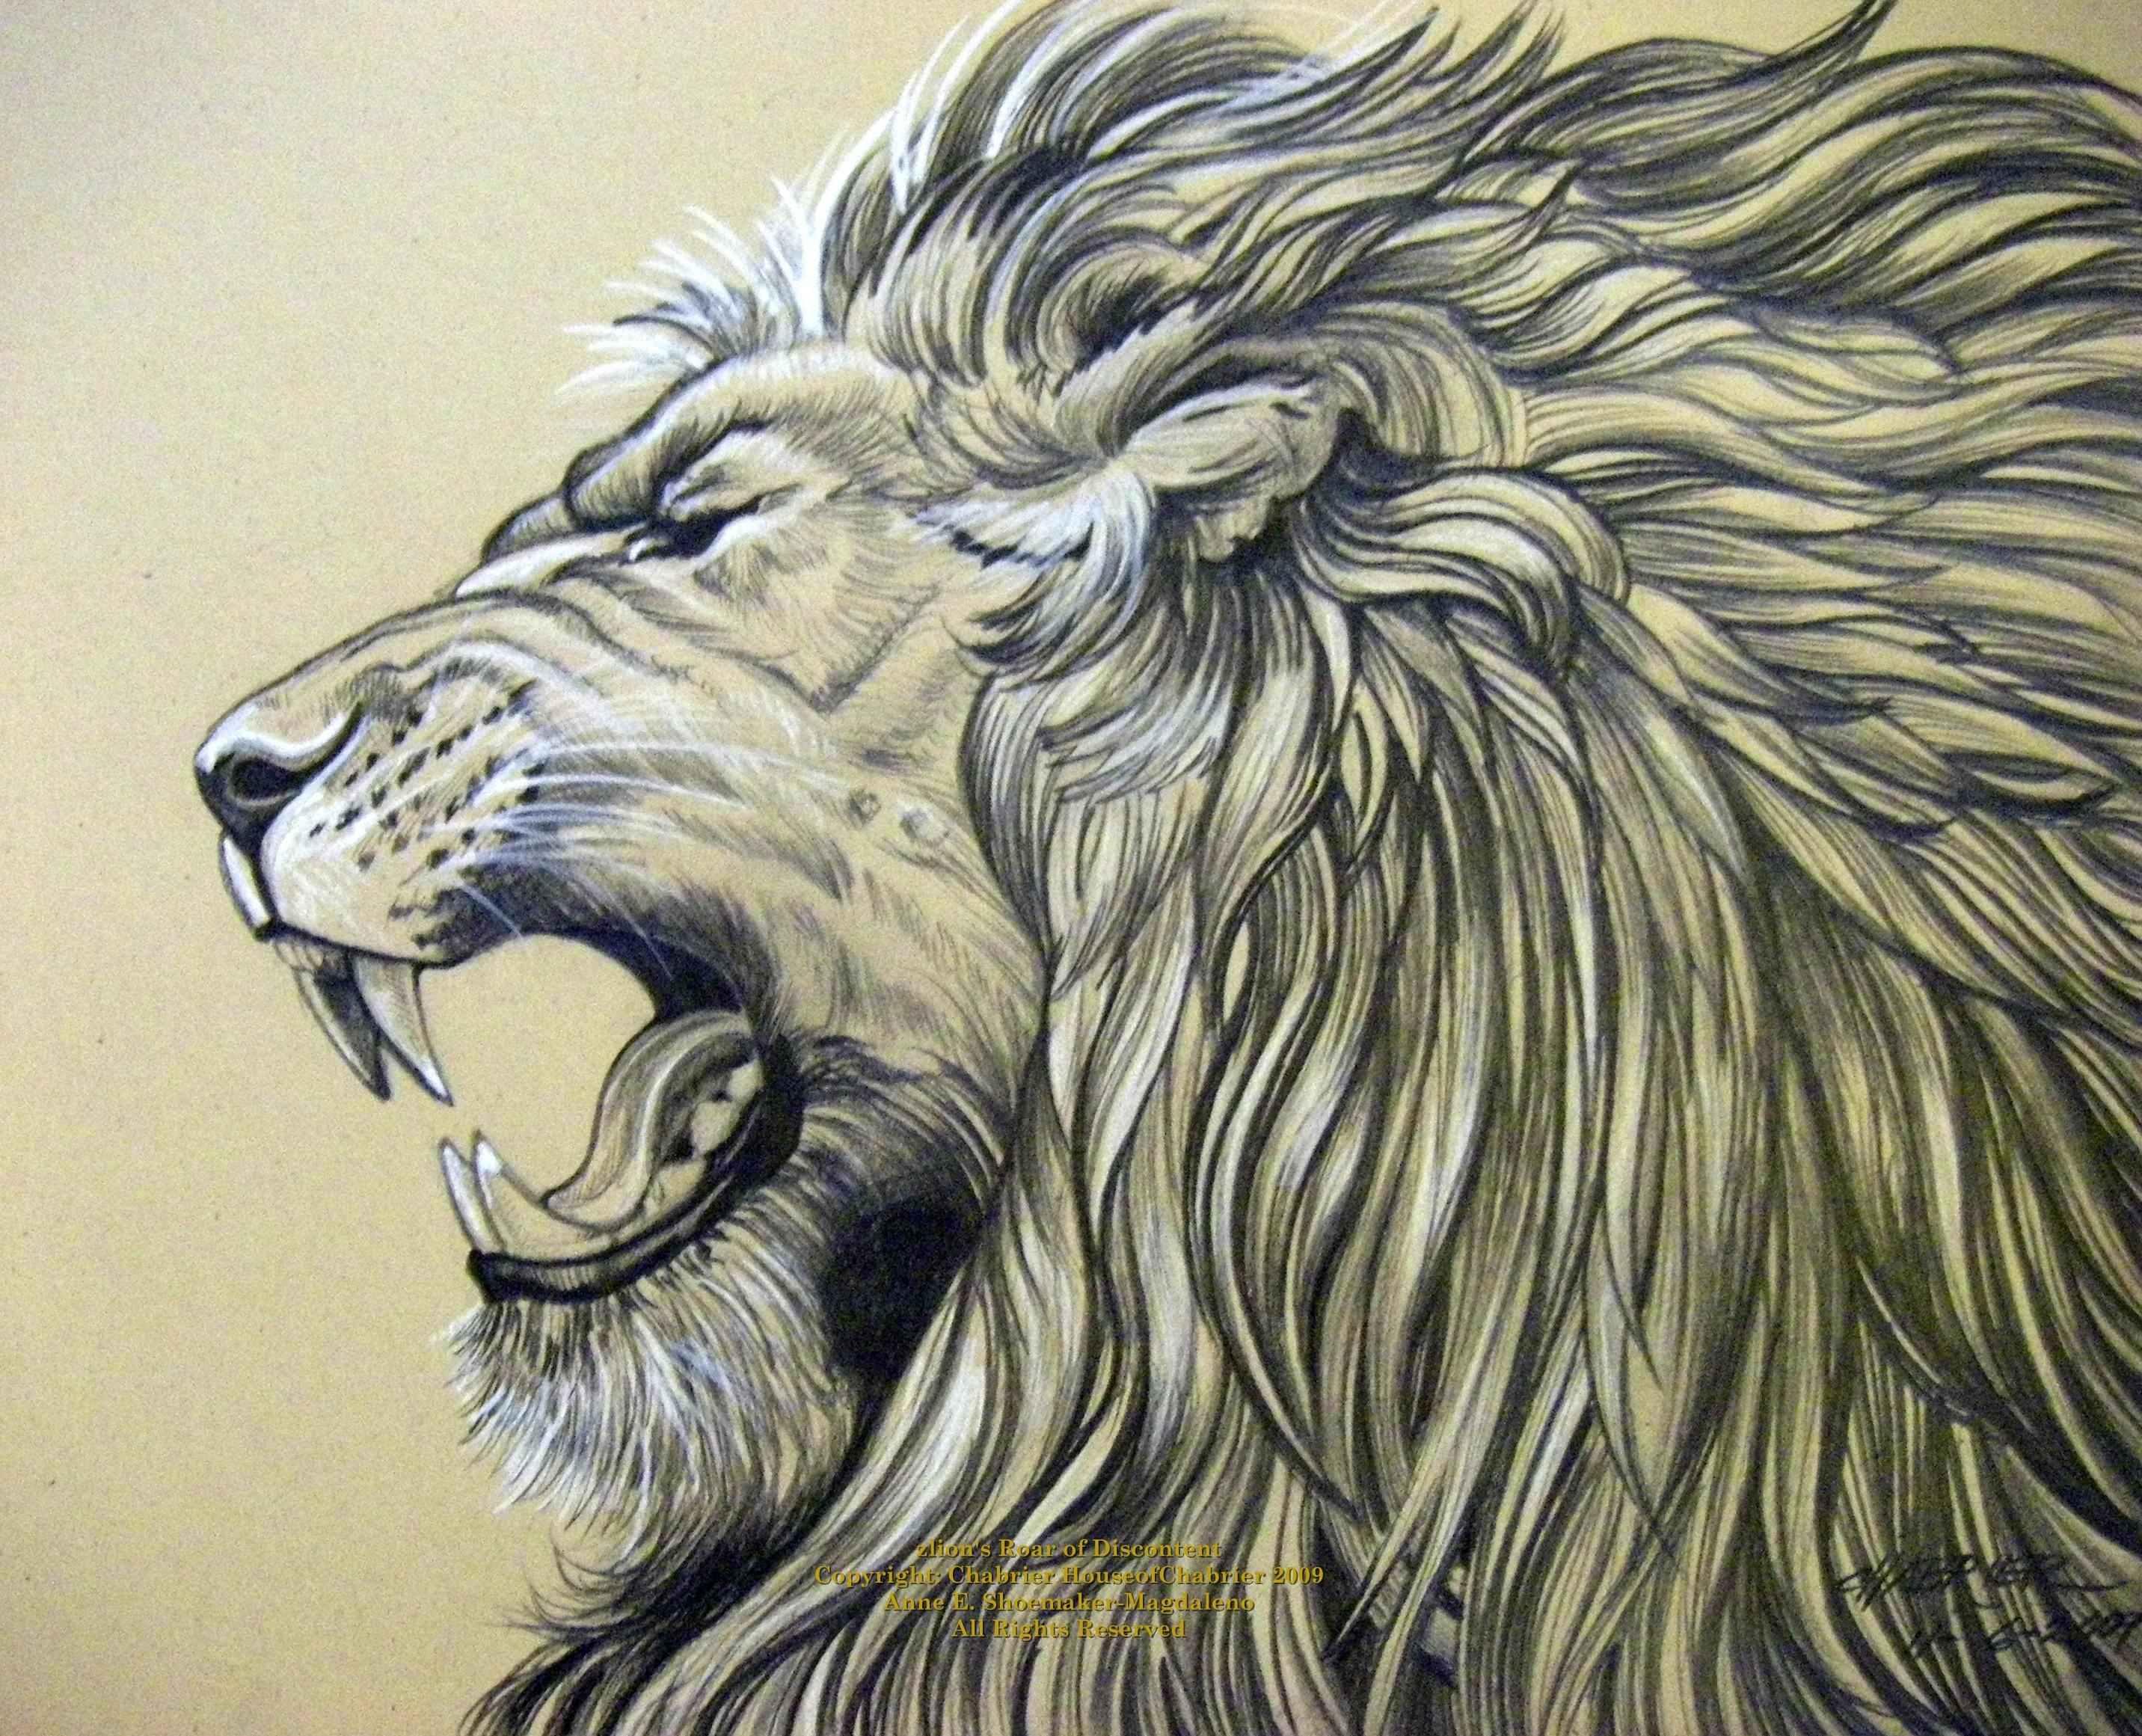 2864x2321 Pencil Sketch A Lion Pencil Sketch Lion Pencil Drawings